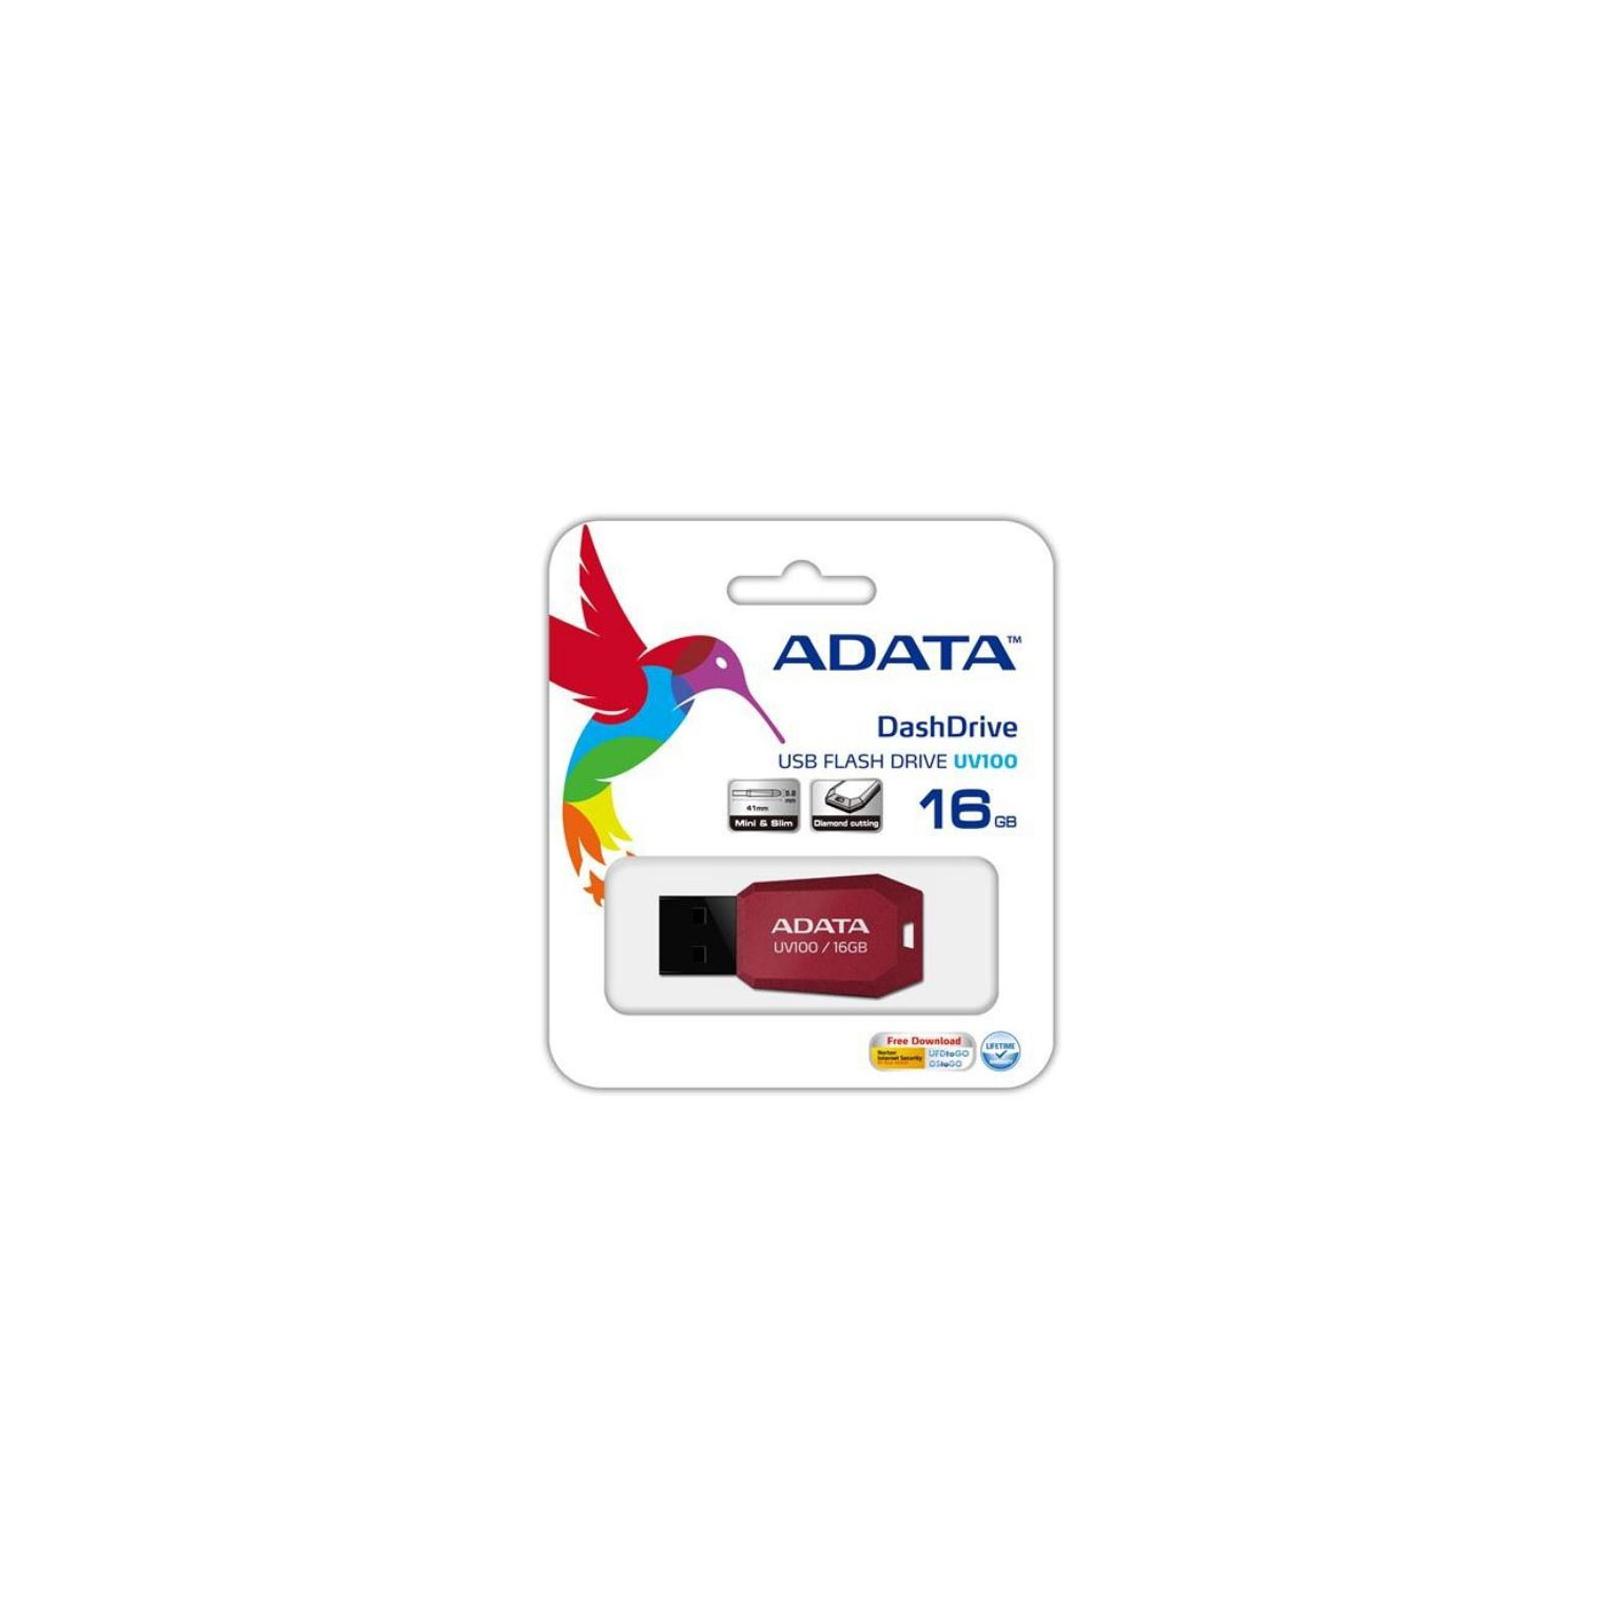 USB флеш накопитель ADATA 32GB DashDrive UV100 Red USB 2.0 (AUV100-32G-RRD) изображение 4